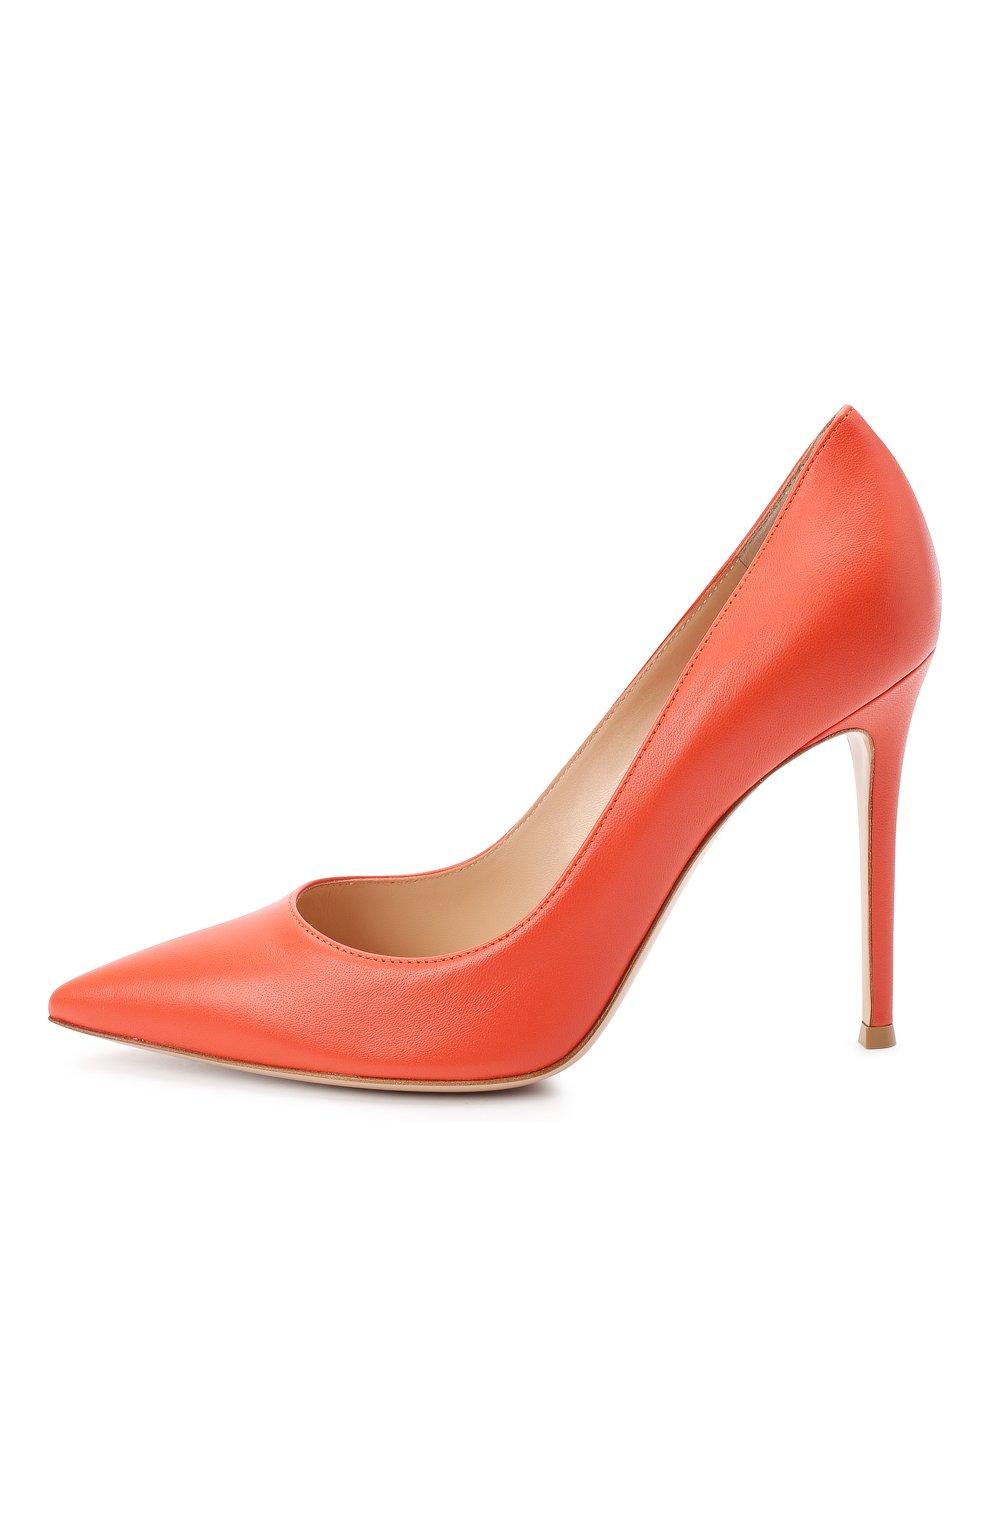 Женские кожаные туфли gianvito 105 GIANVITO ROSSI оранжевого цвета, арт. G28470.15RIC.NAPCHAY | Фото 3